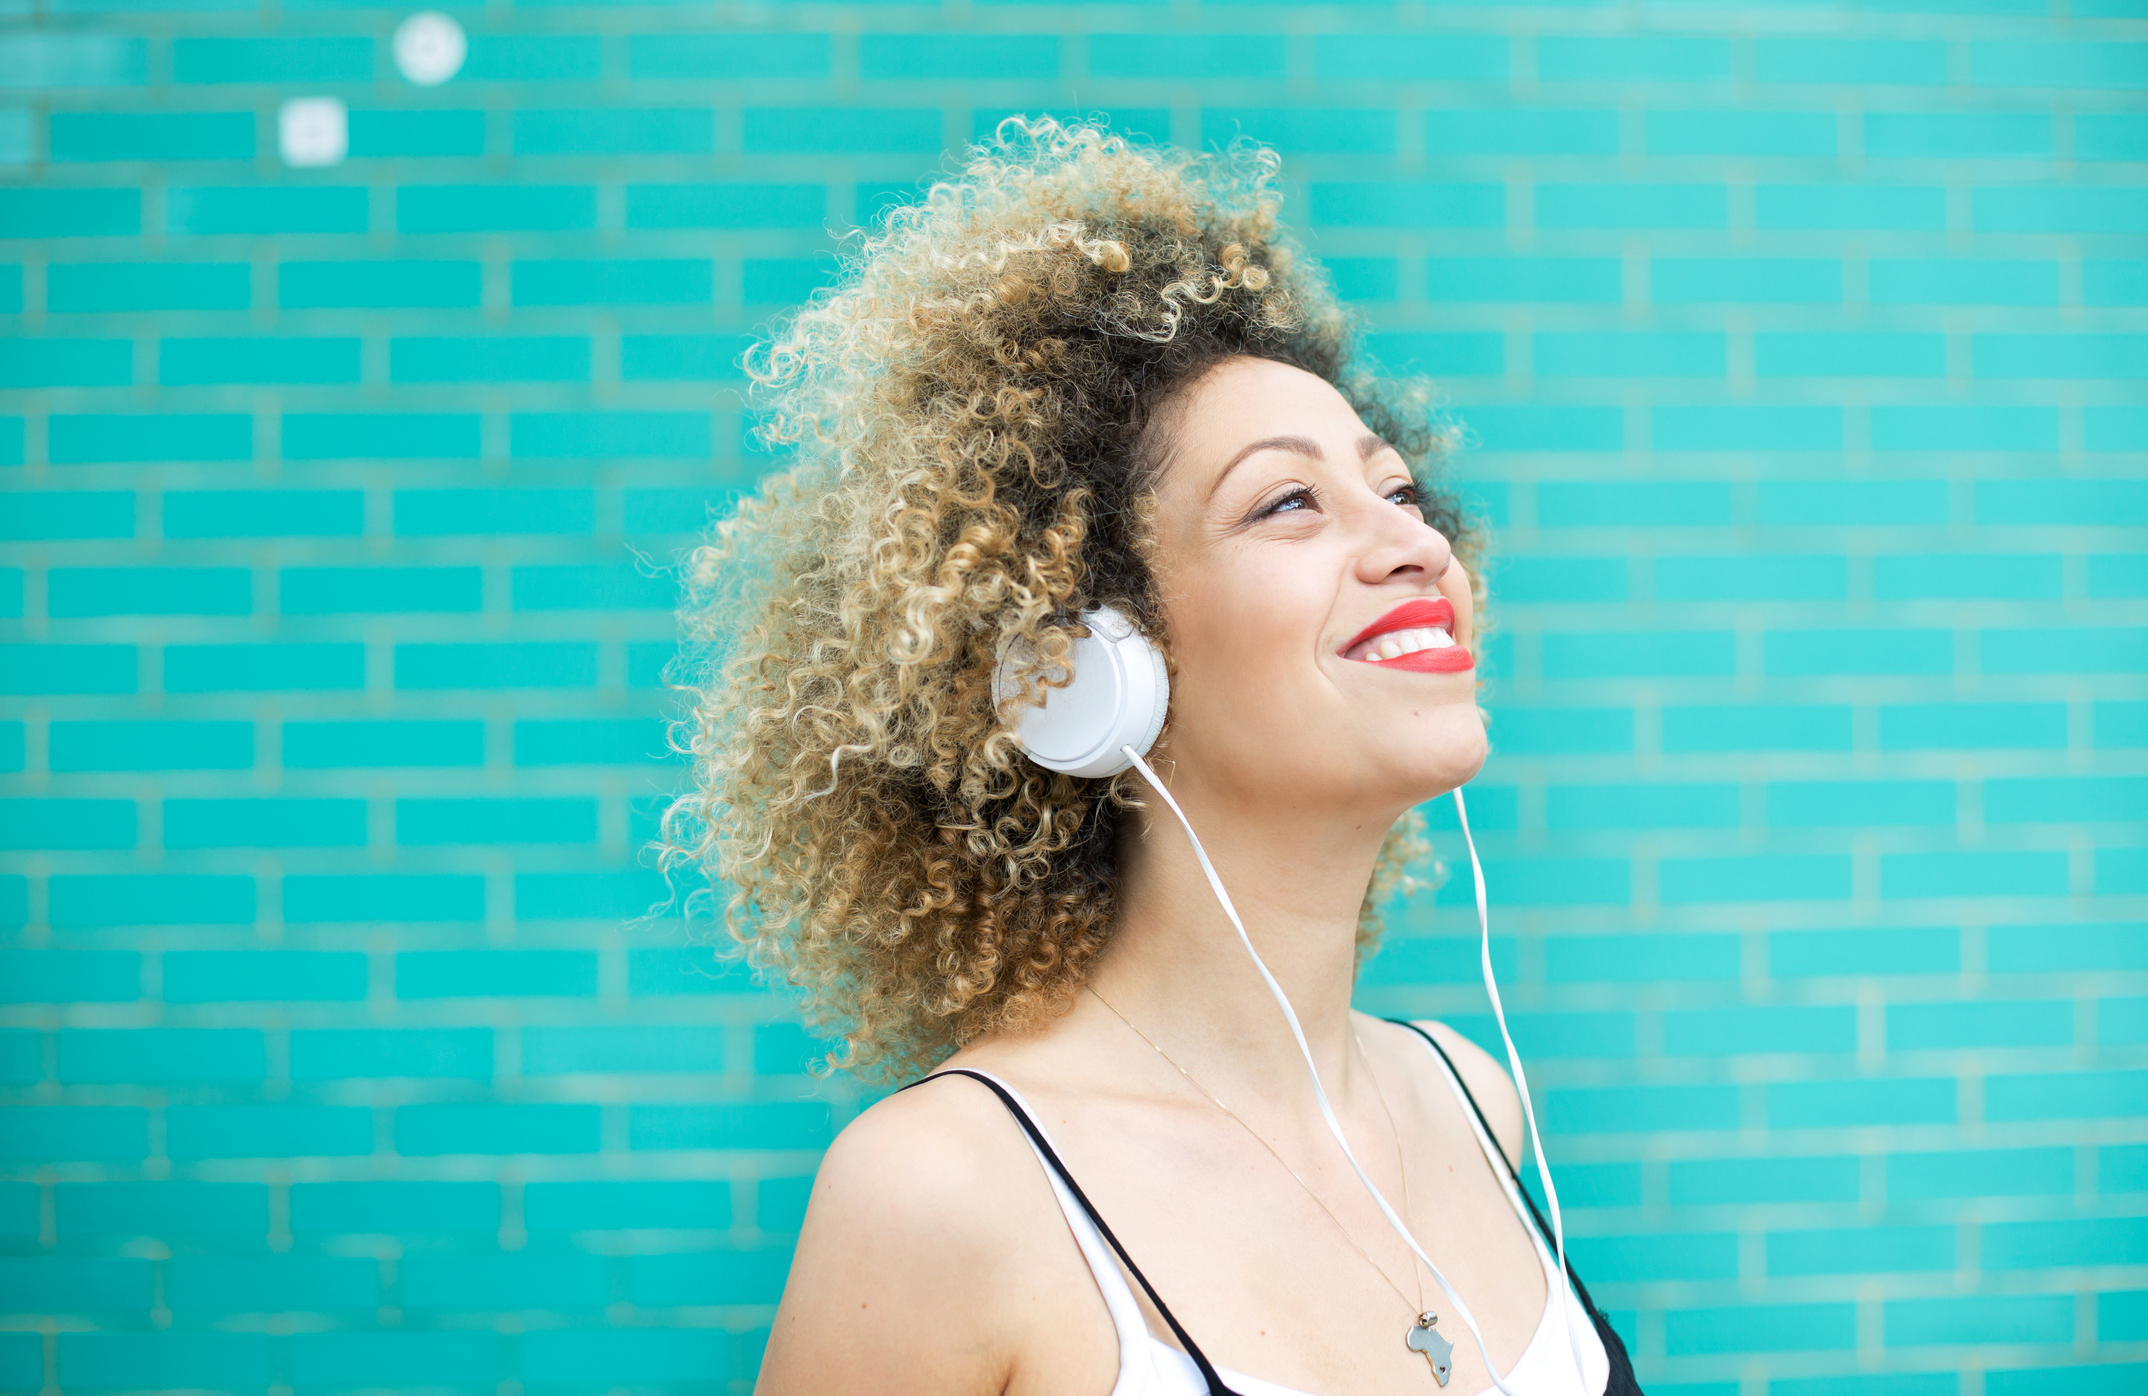 Akcesoria muzyczne